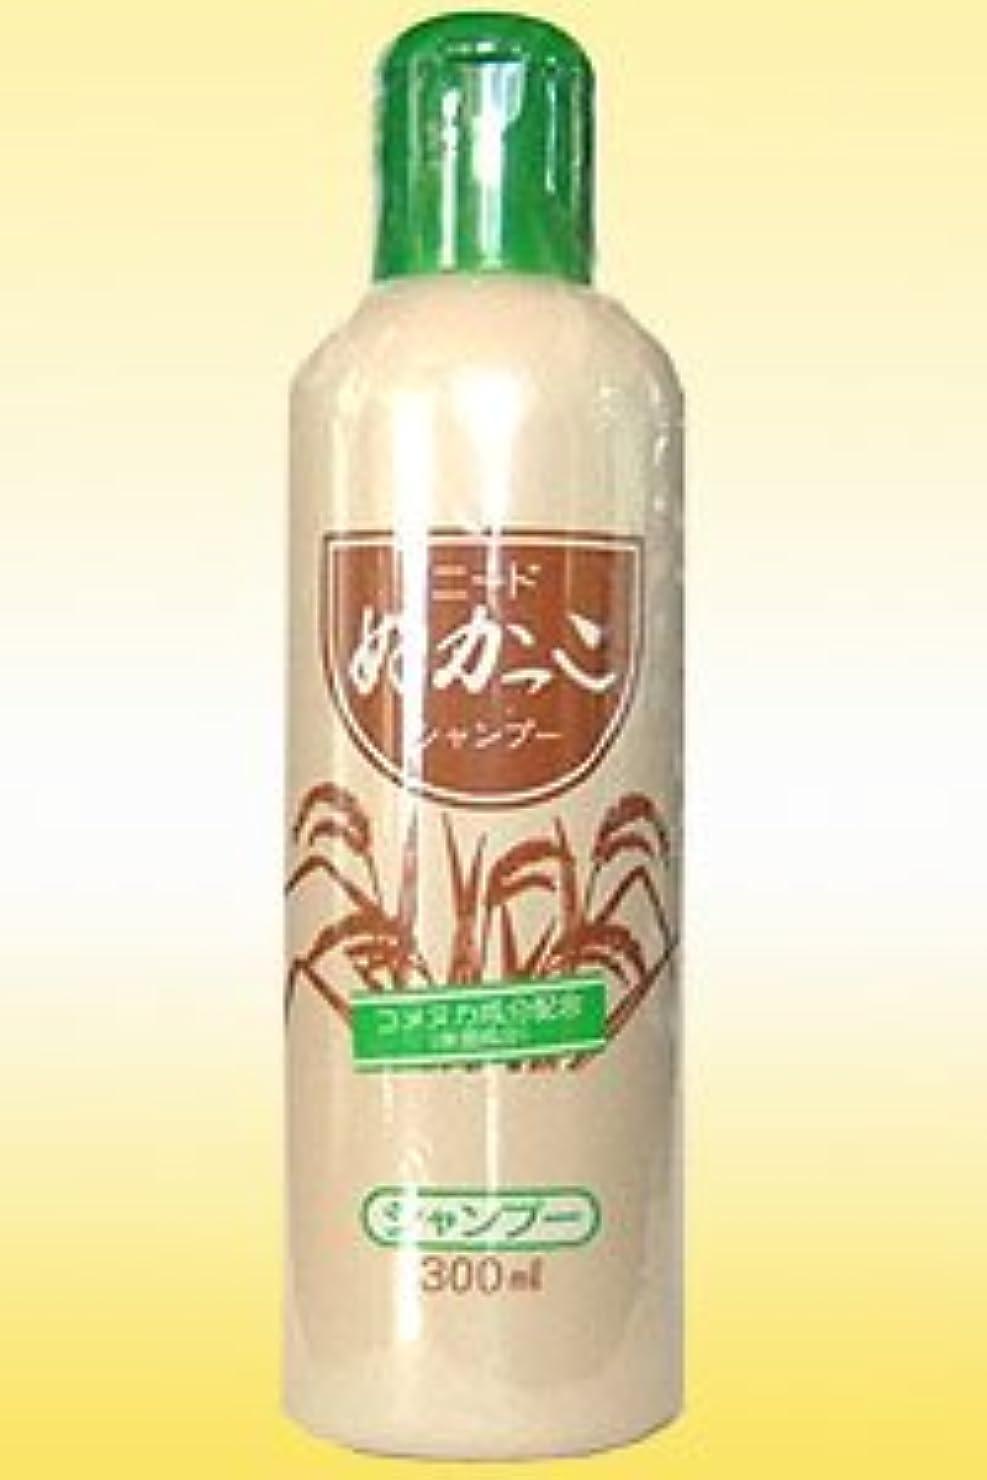 ドライ避難表向きニードぬかっこシャンプー(300ml)ニード洗粉をベースに、より米ぬかの特長を生かした自然派化粧品